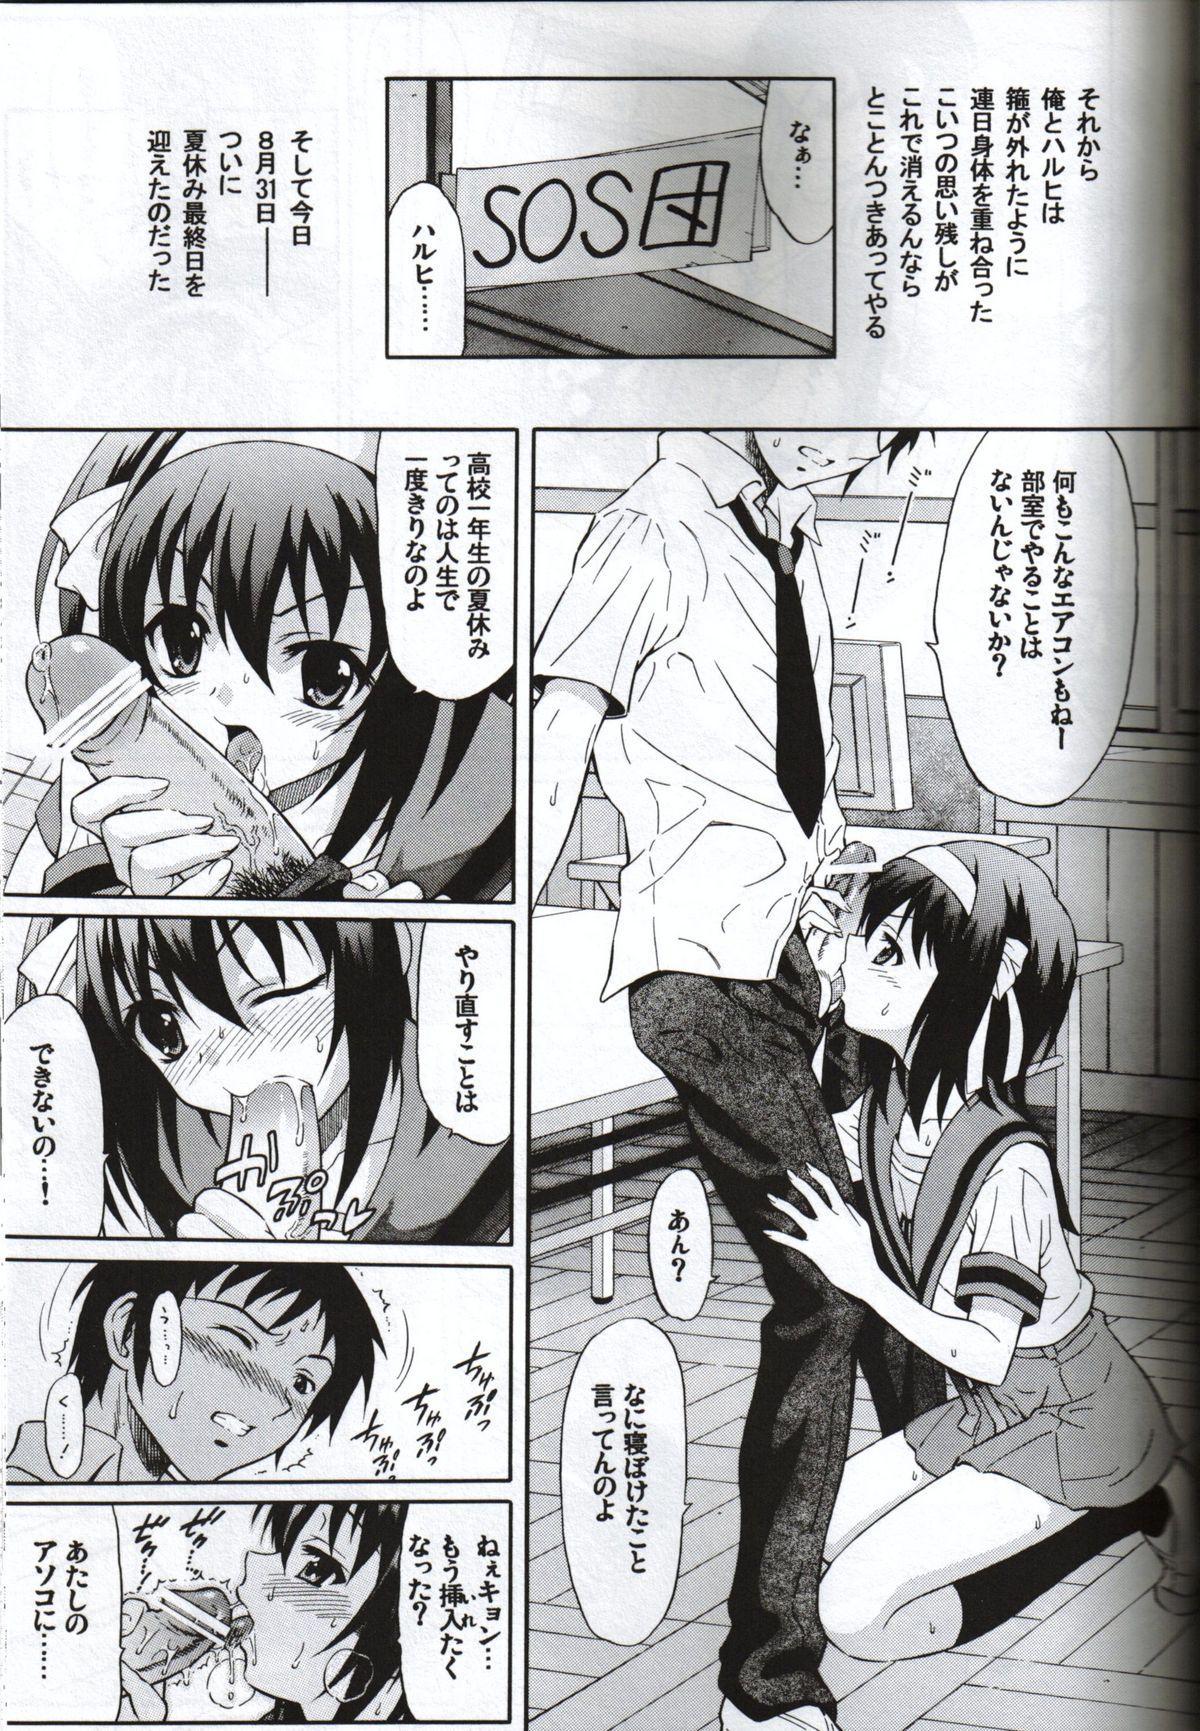 Suzumiya Haruhi no Hatsunetsu 5